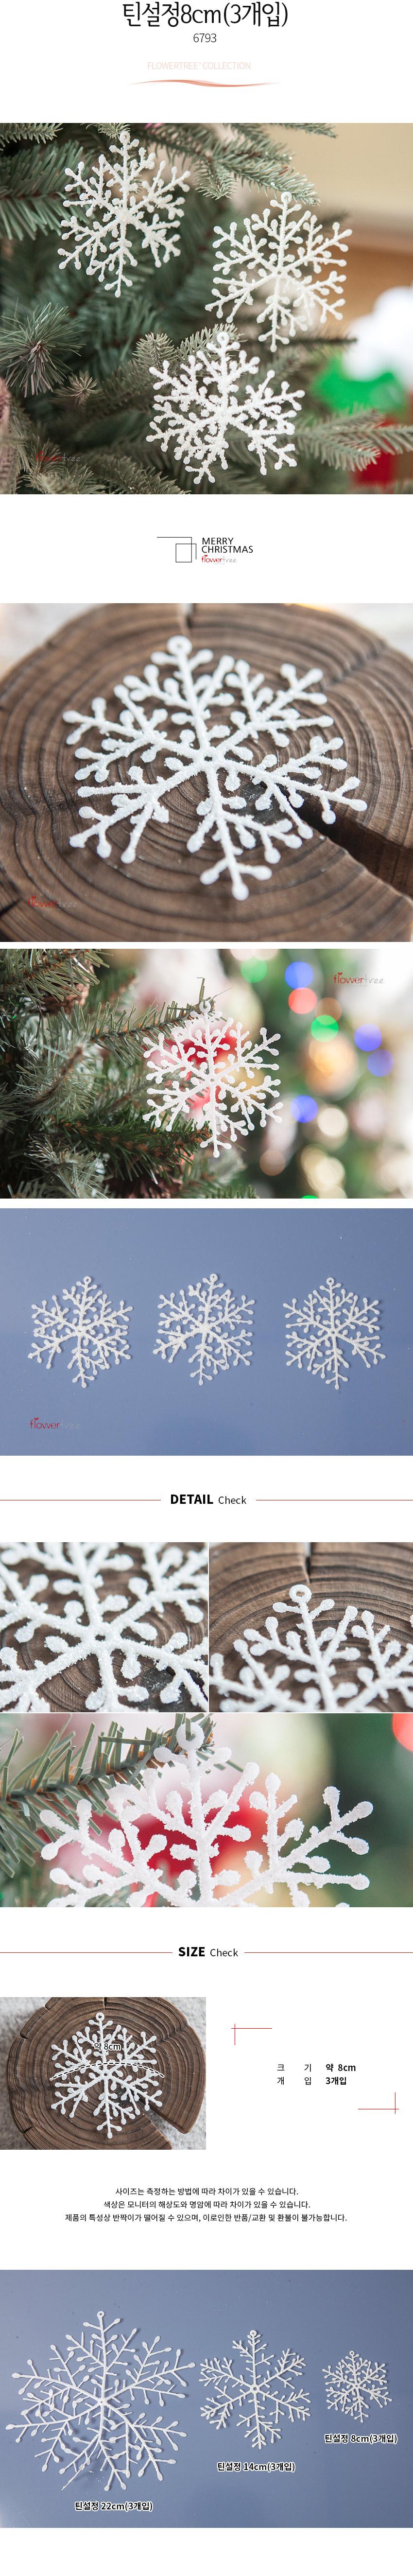 틴설정 8cm (3개입) [트리] - 플라워트리, 400원, 장식품, 크리스마스소품